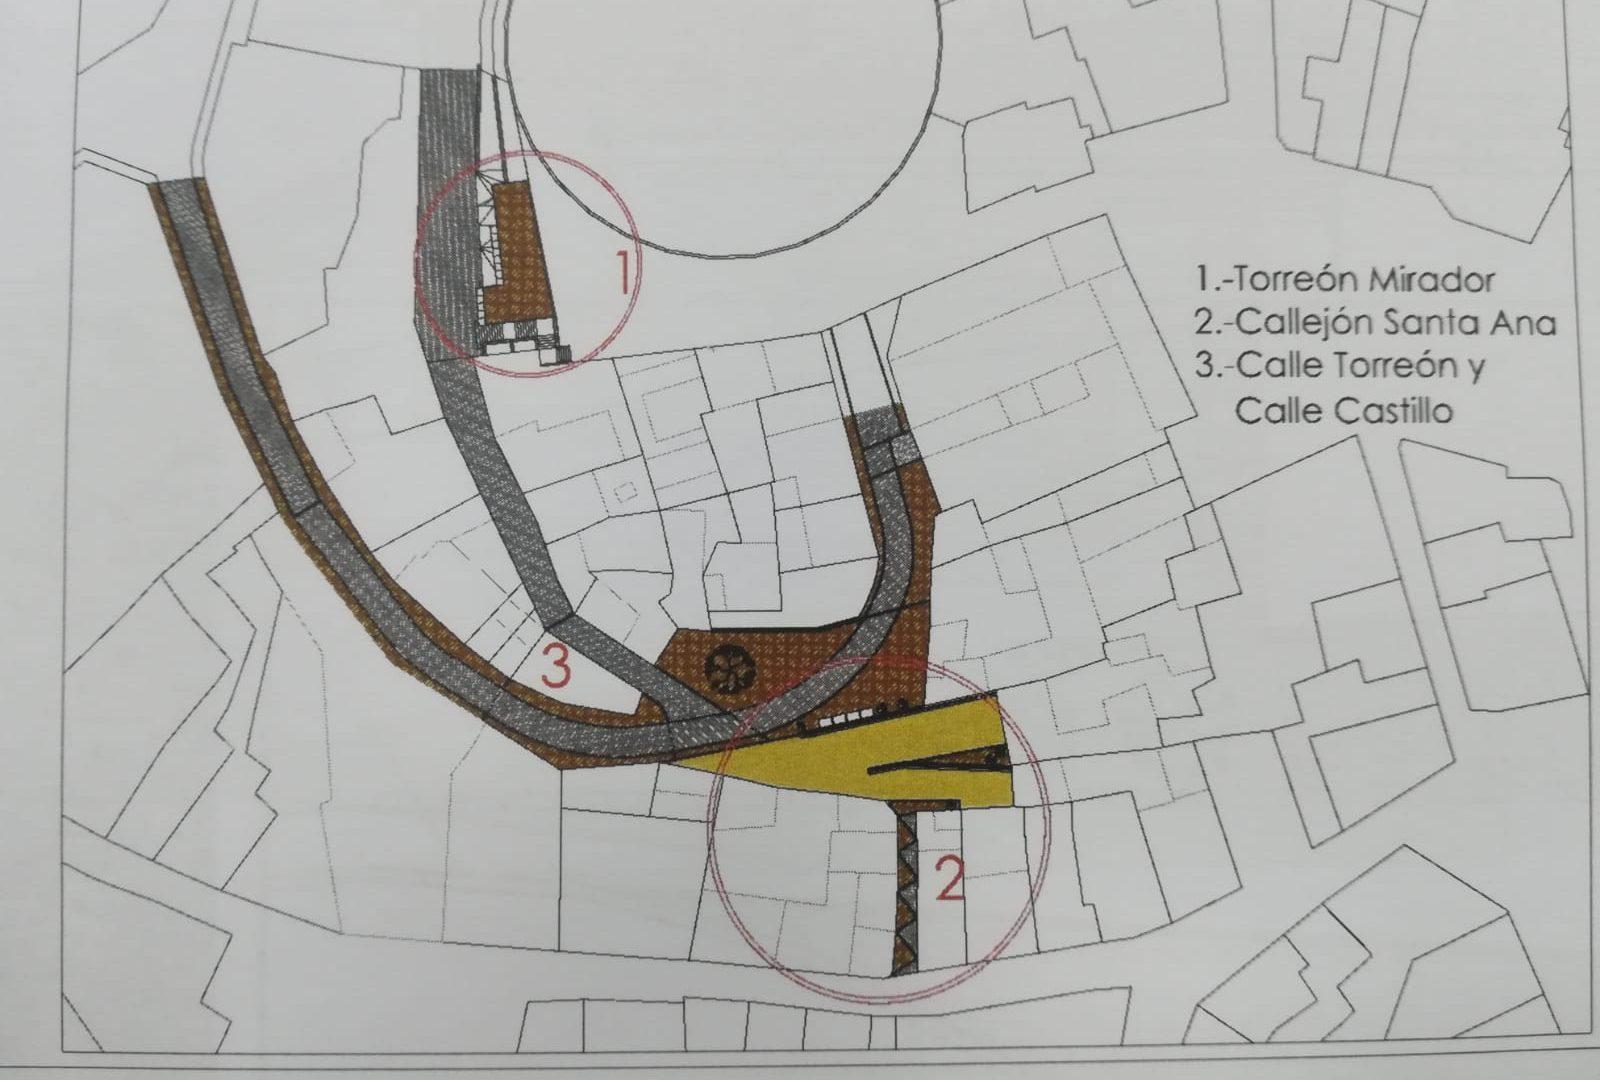 Iniesta rehabilita su casco antiguo y realiza mejoras en el asfaltado de varias calles